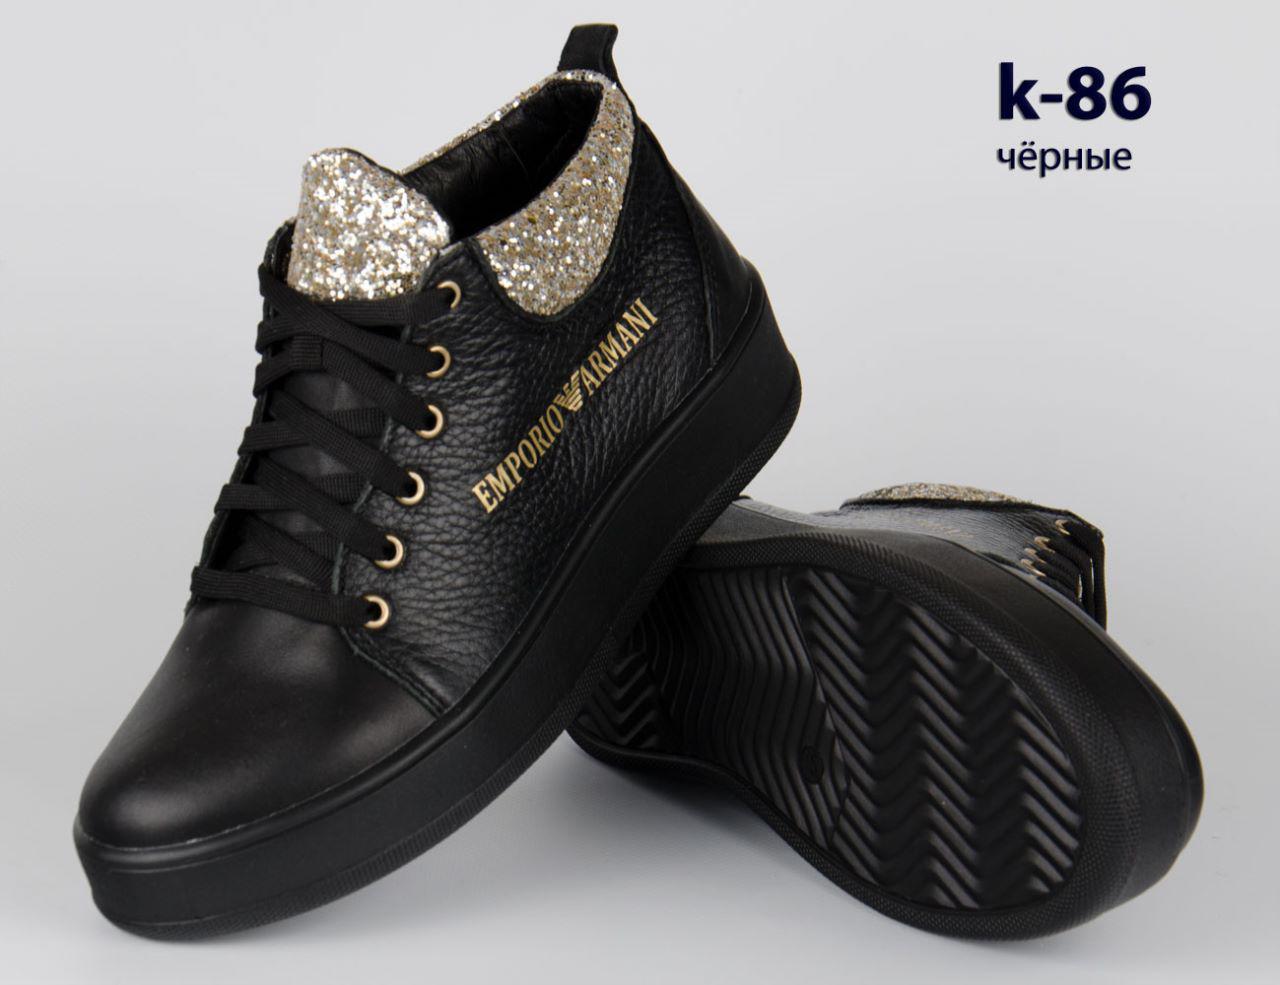 efaf9ec0493d Кожаные женские ботинки Armani. Украина  продажа, цена в Харькове ...